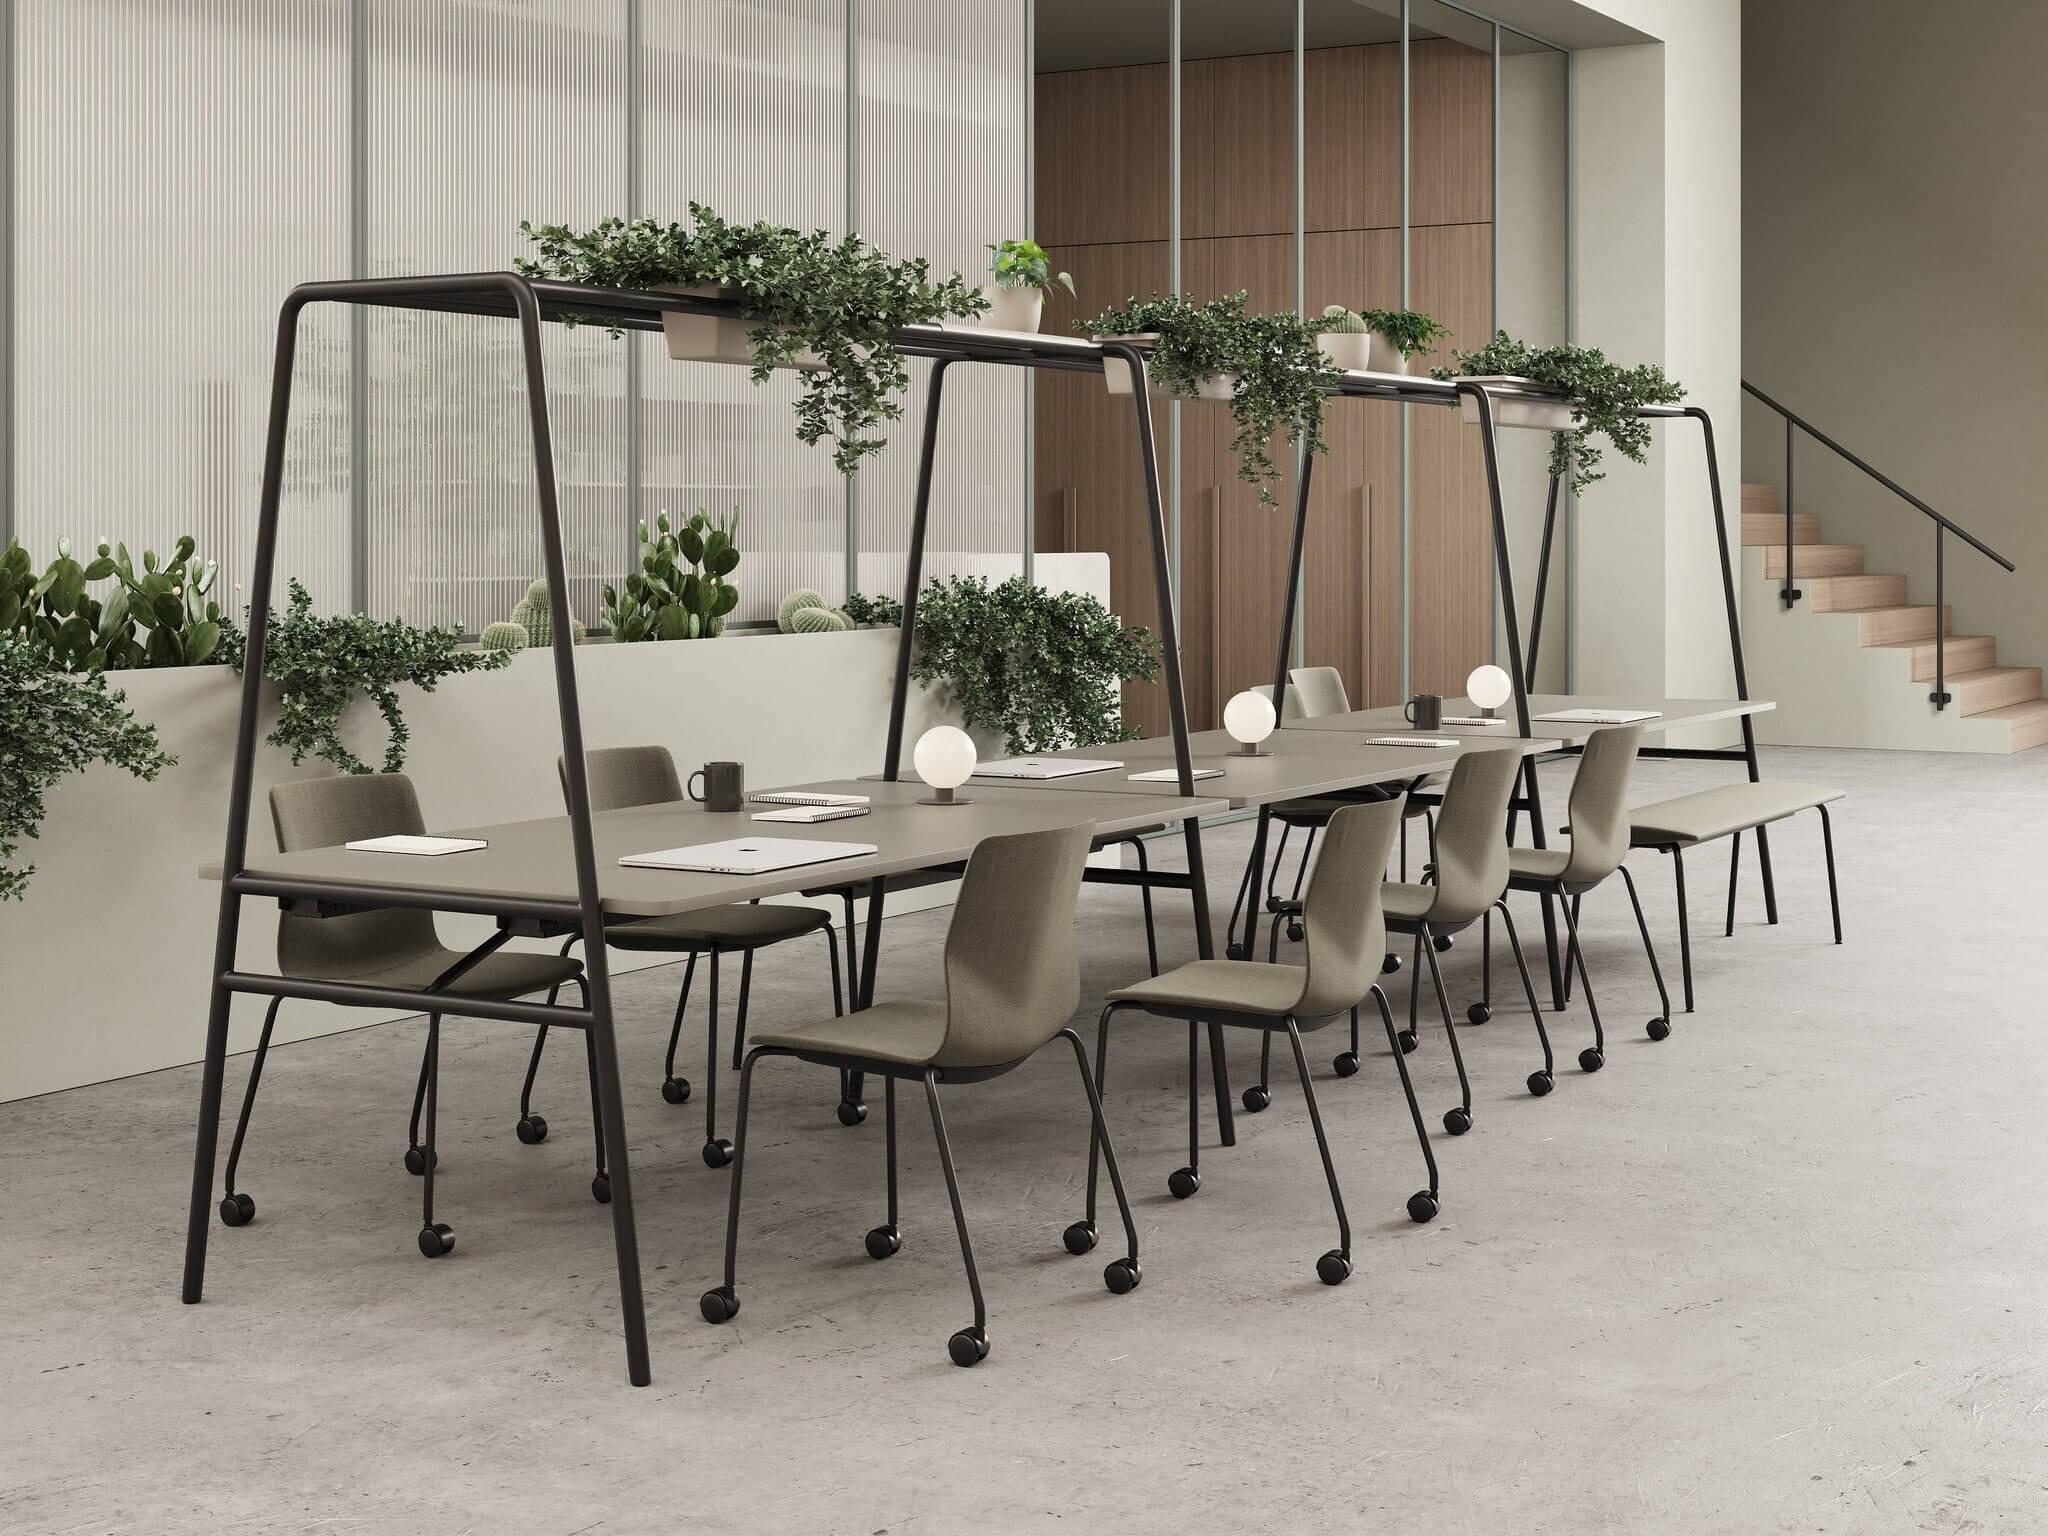 Table design ARCHE pour le coworking, avec jardinière de plantes intégrées.